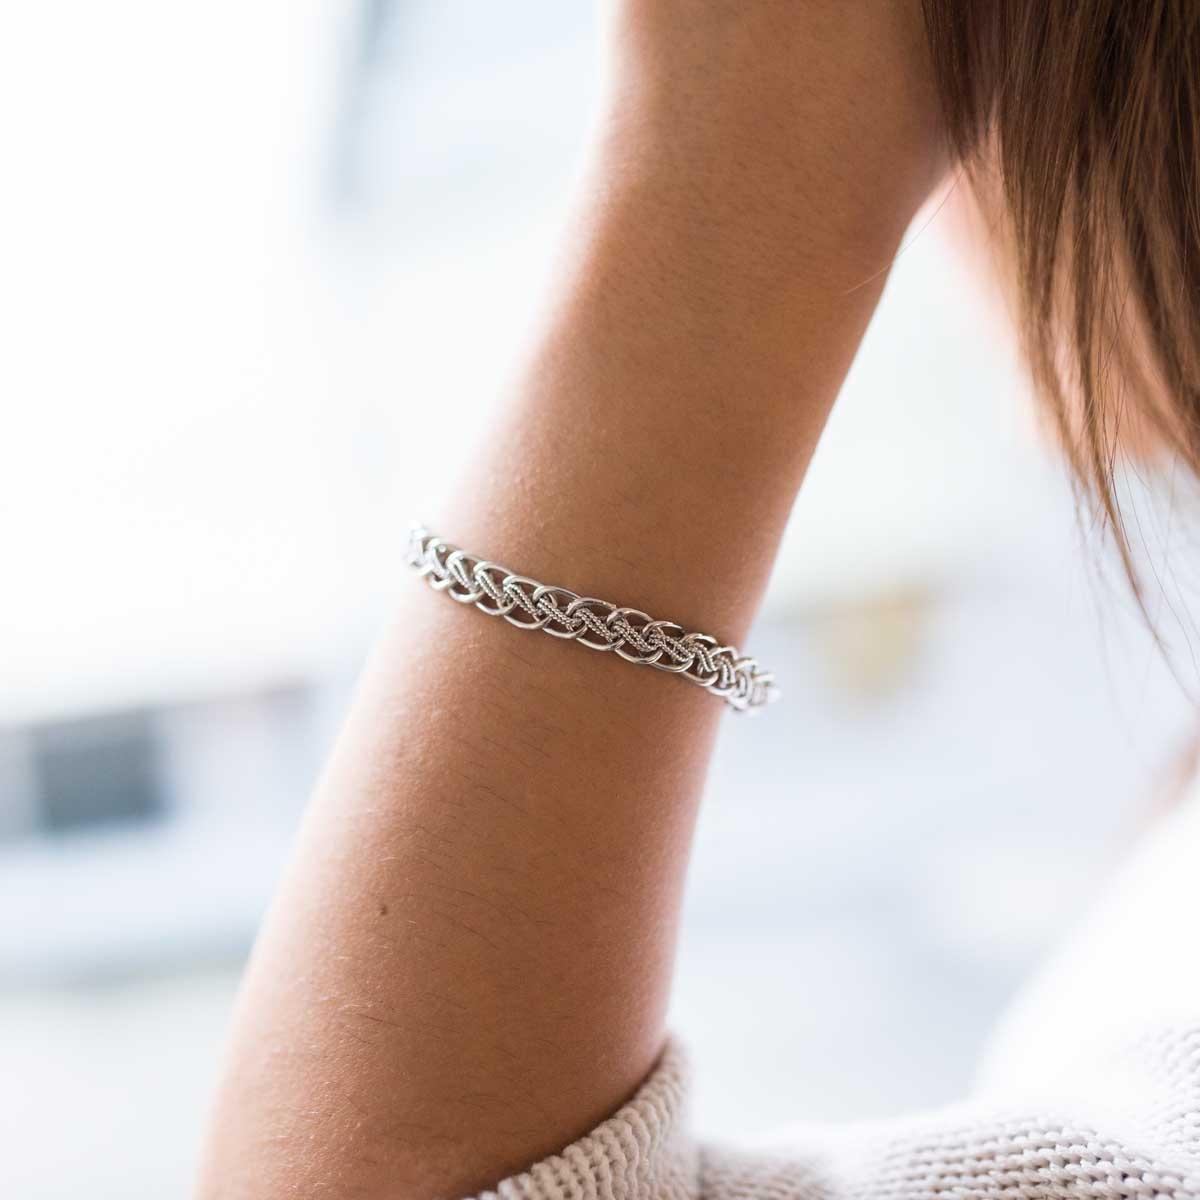 6c6f479d1afd MATERIA Damen Armband Silber 925 Doppelpanzerkette 6mm verstellbar – Bild 2